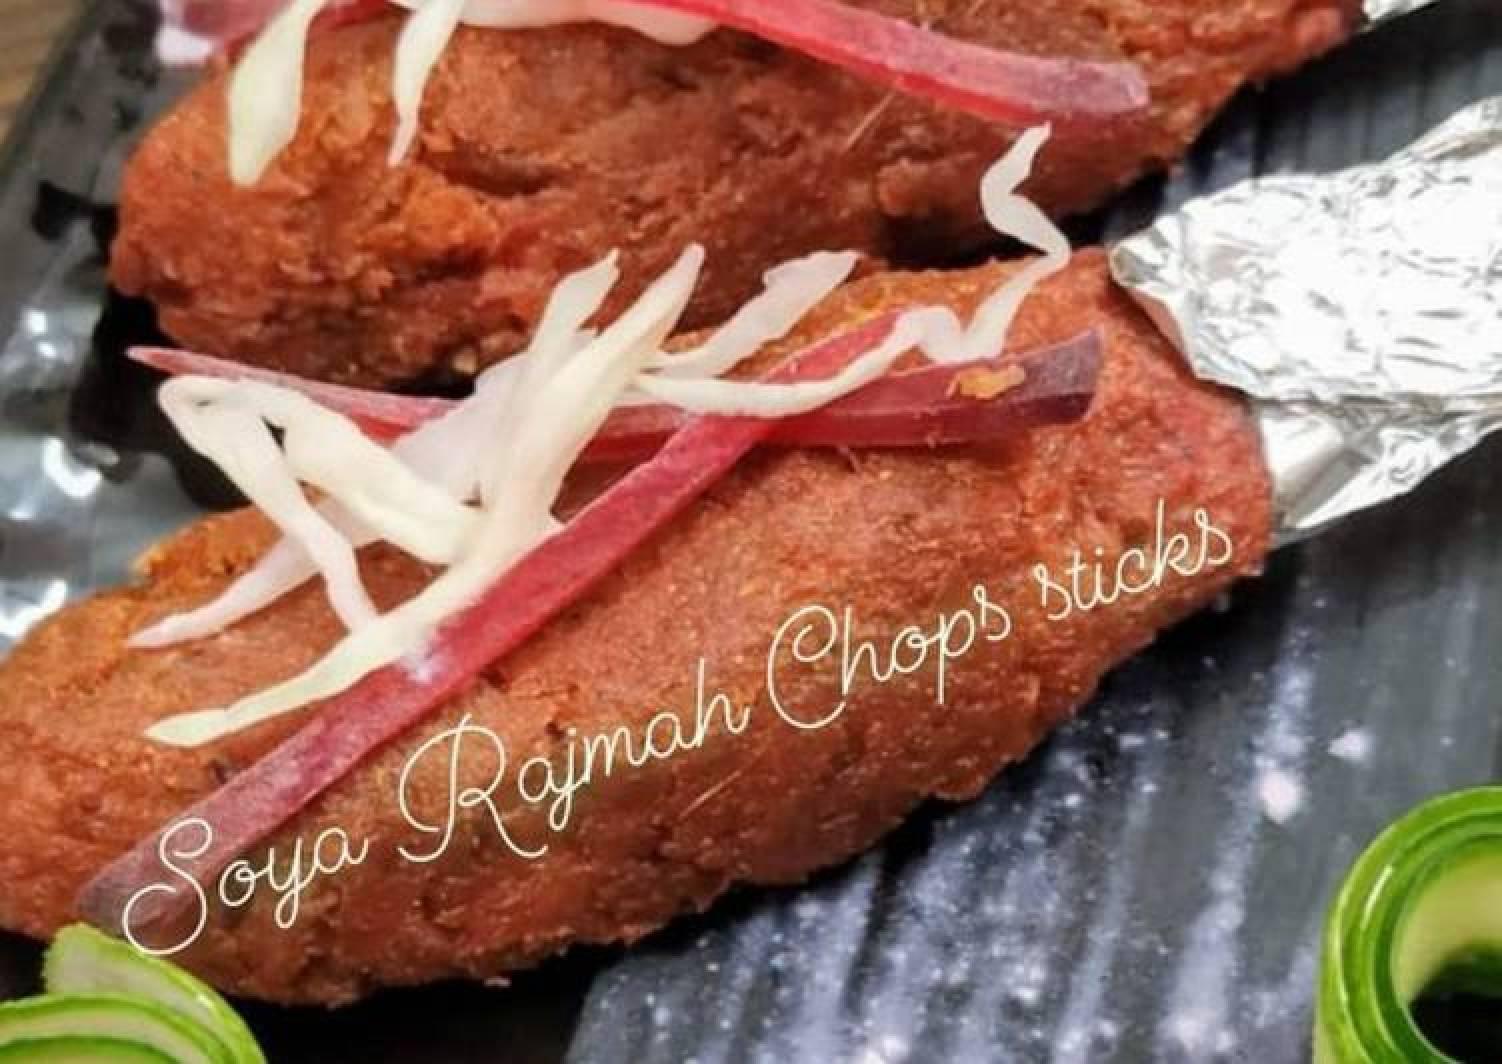 Soya Rajmah Chop Sticks